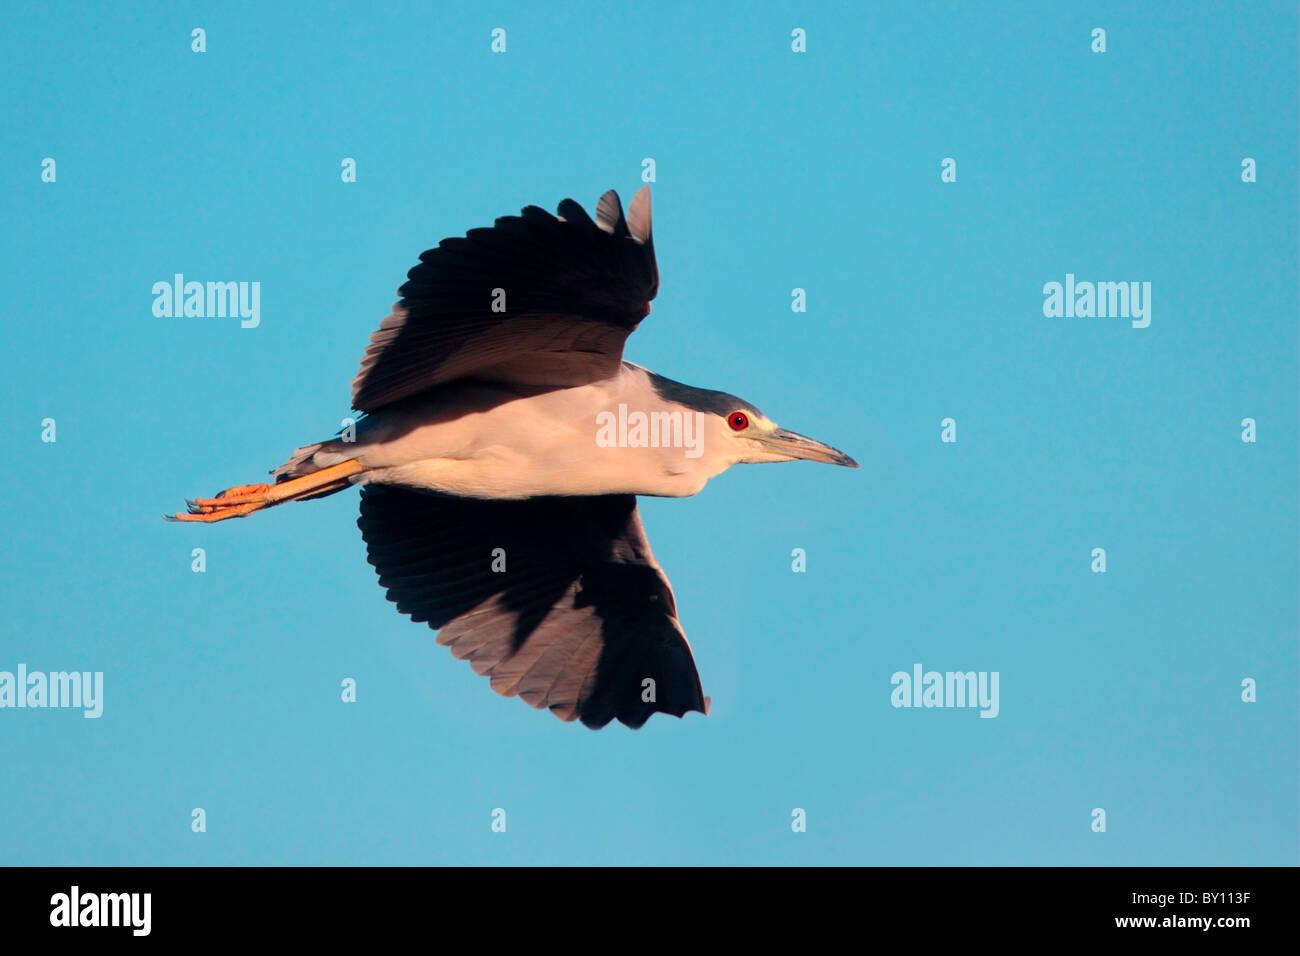 Nero-incoronato Night-Heron in volo. Immagini Stock